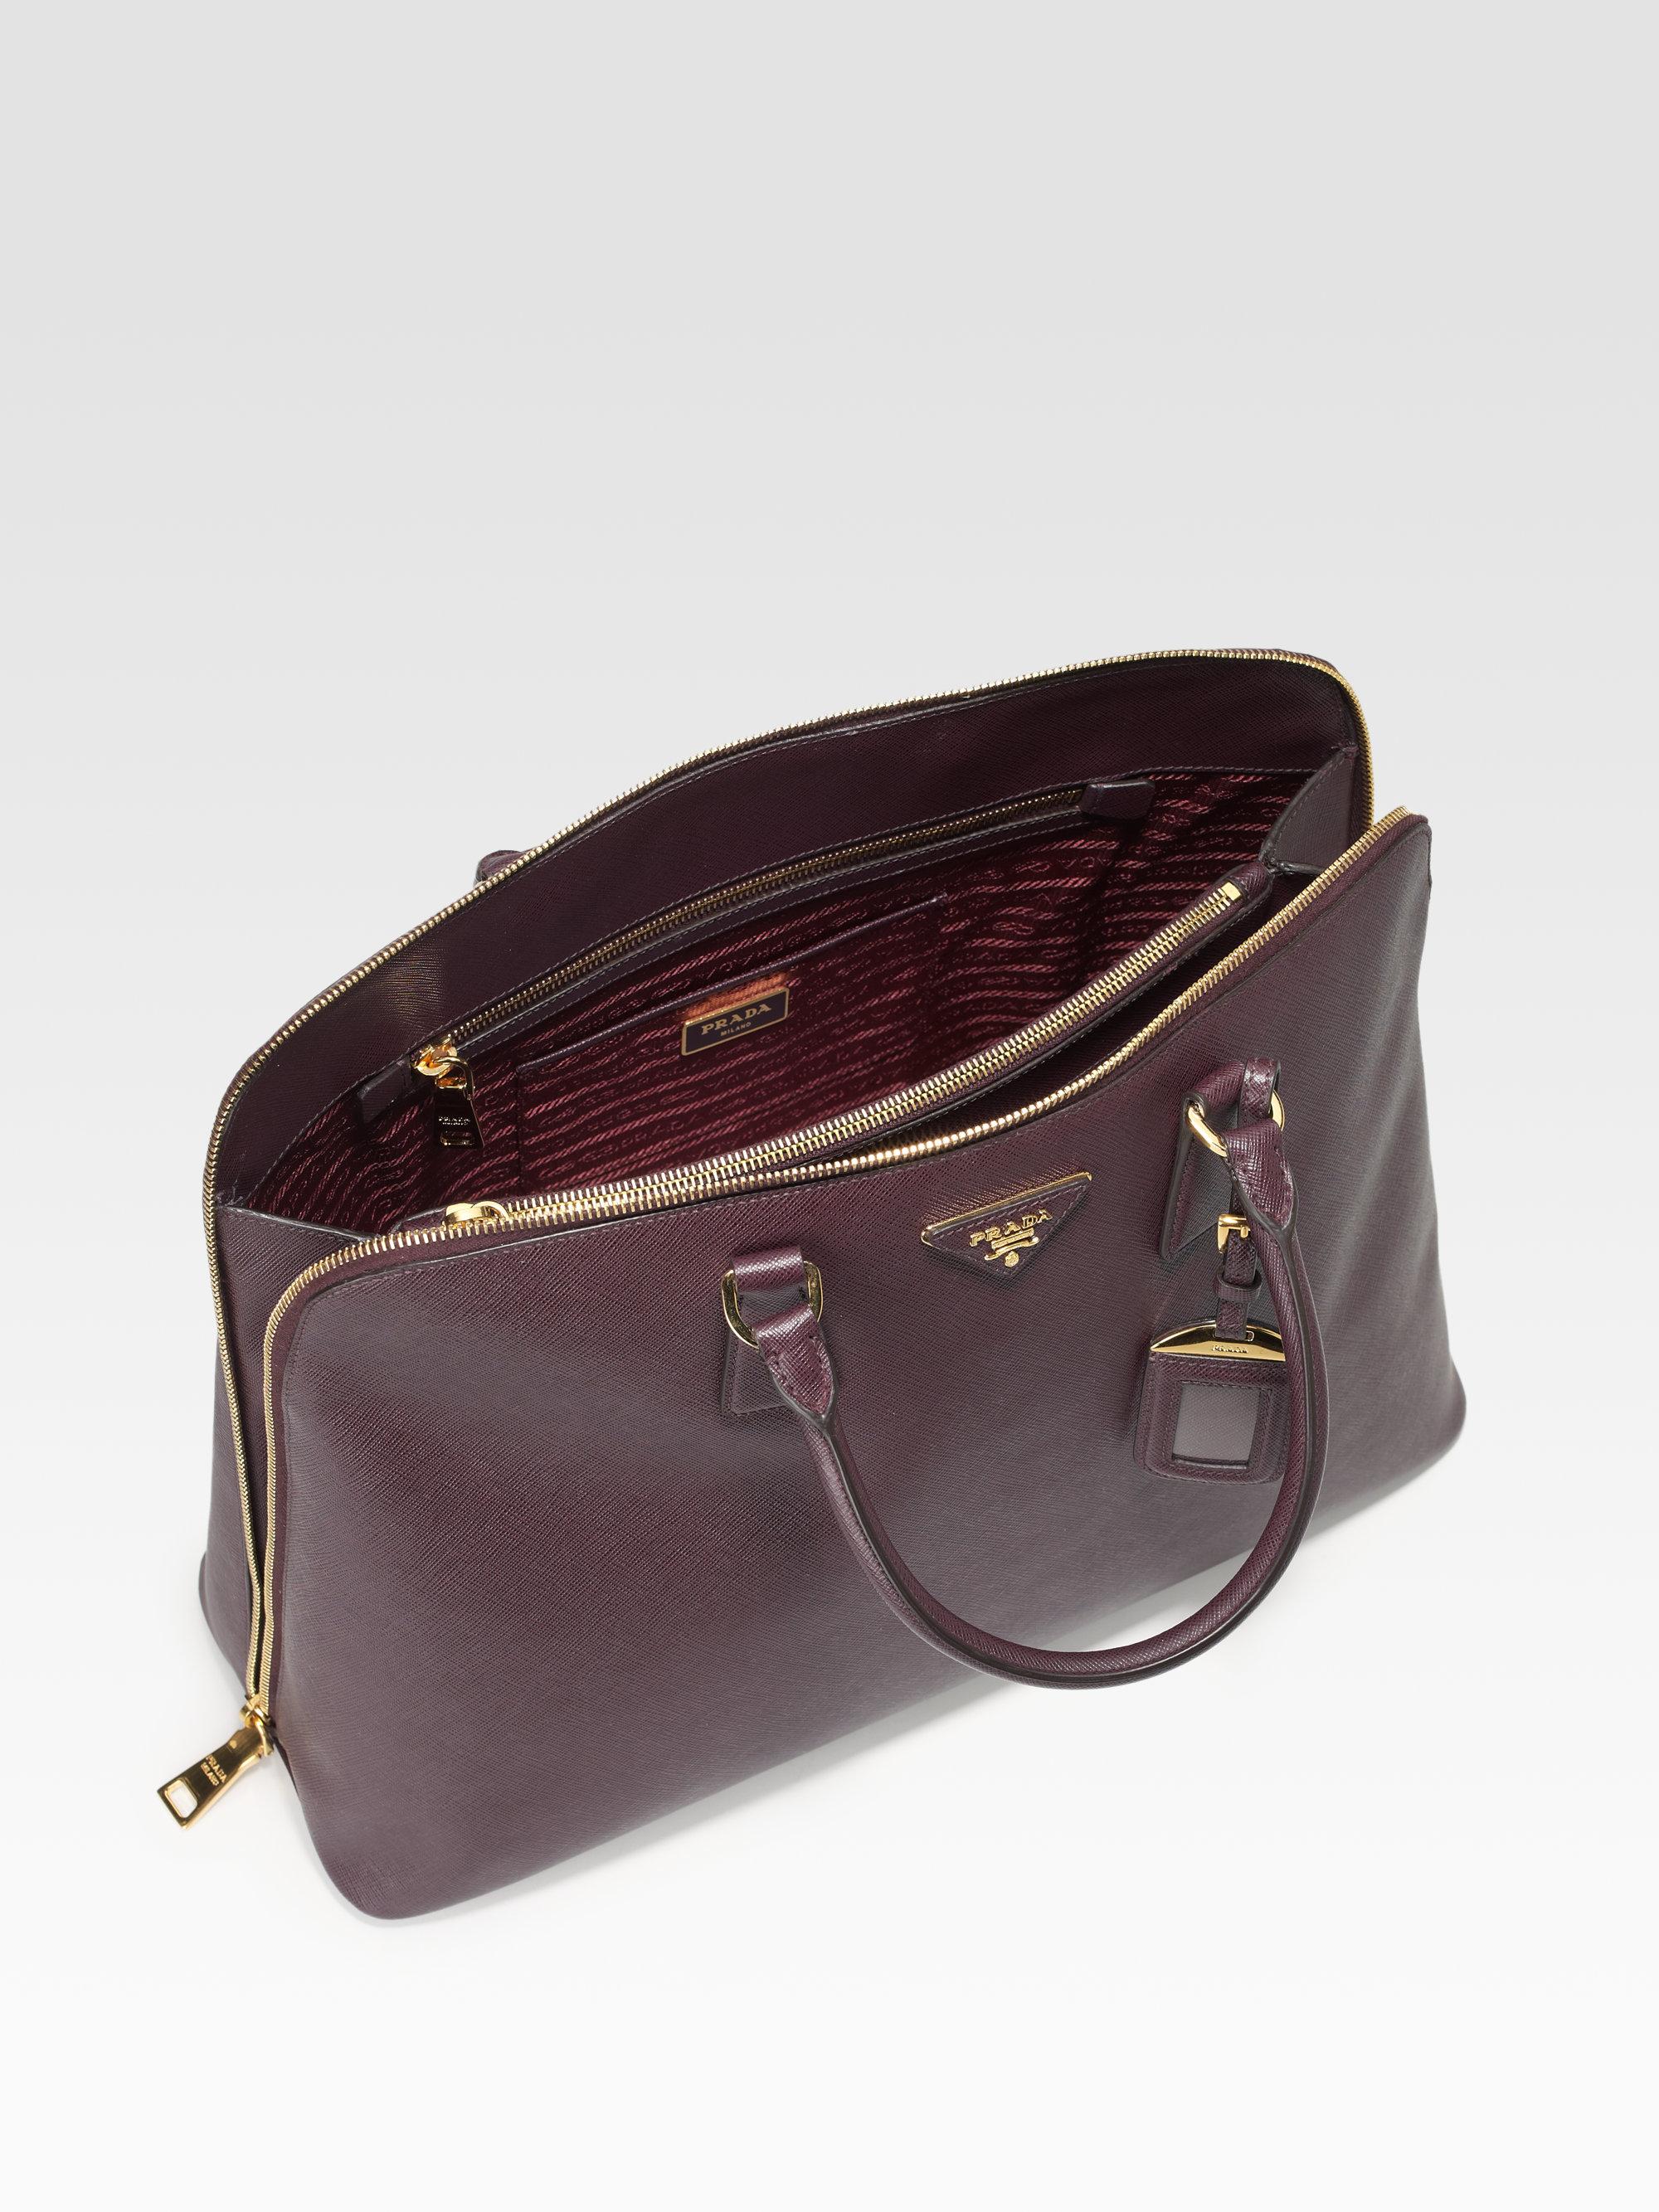 big orange prada bag - prada top handle tote bag hold all